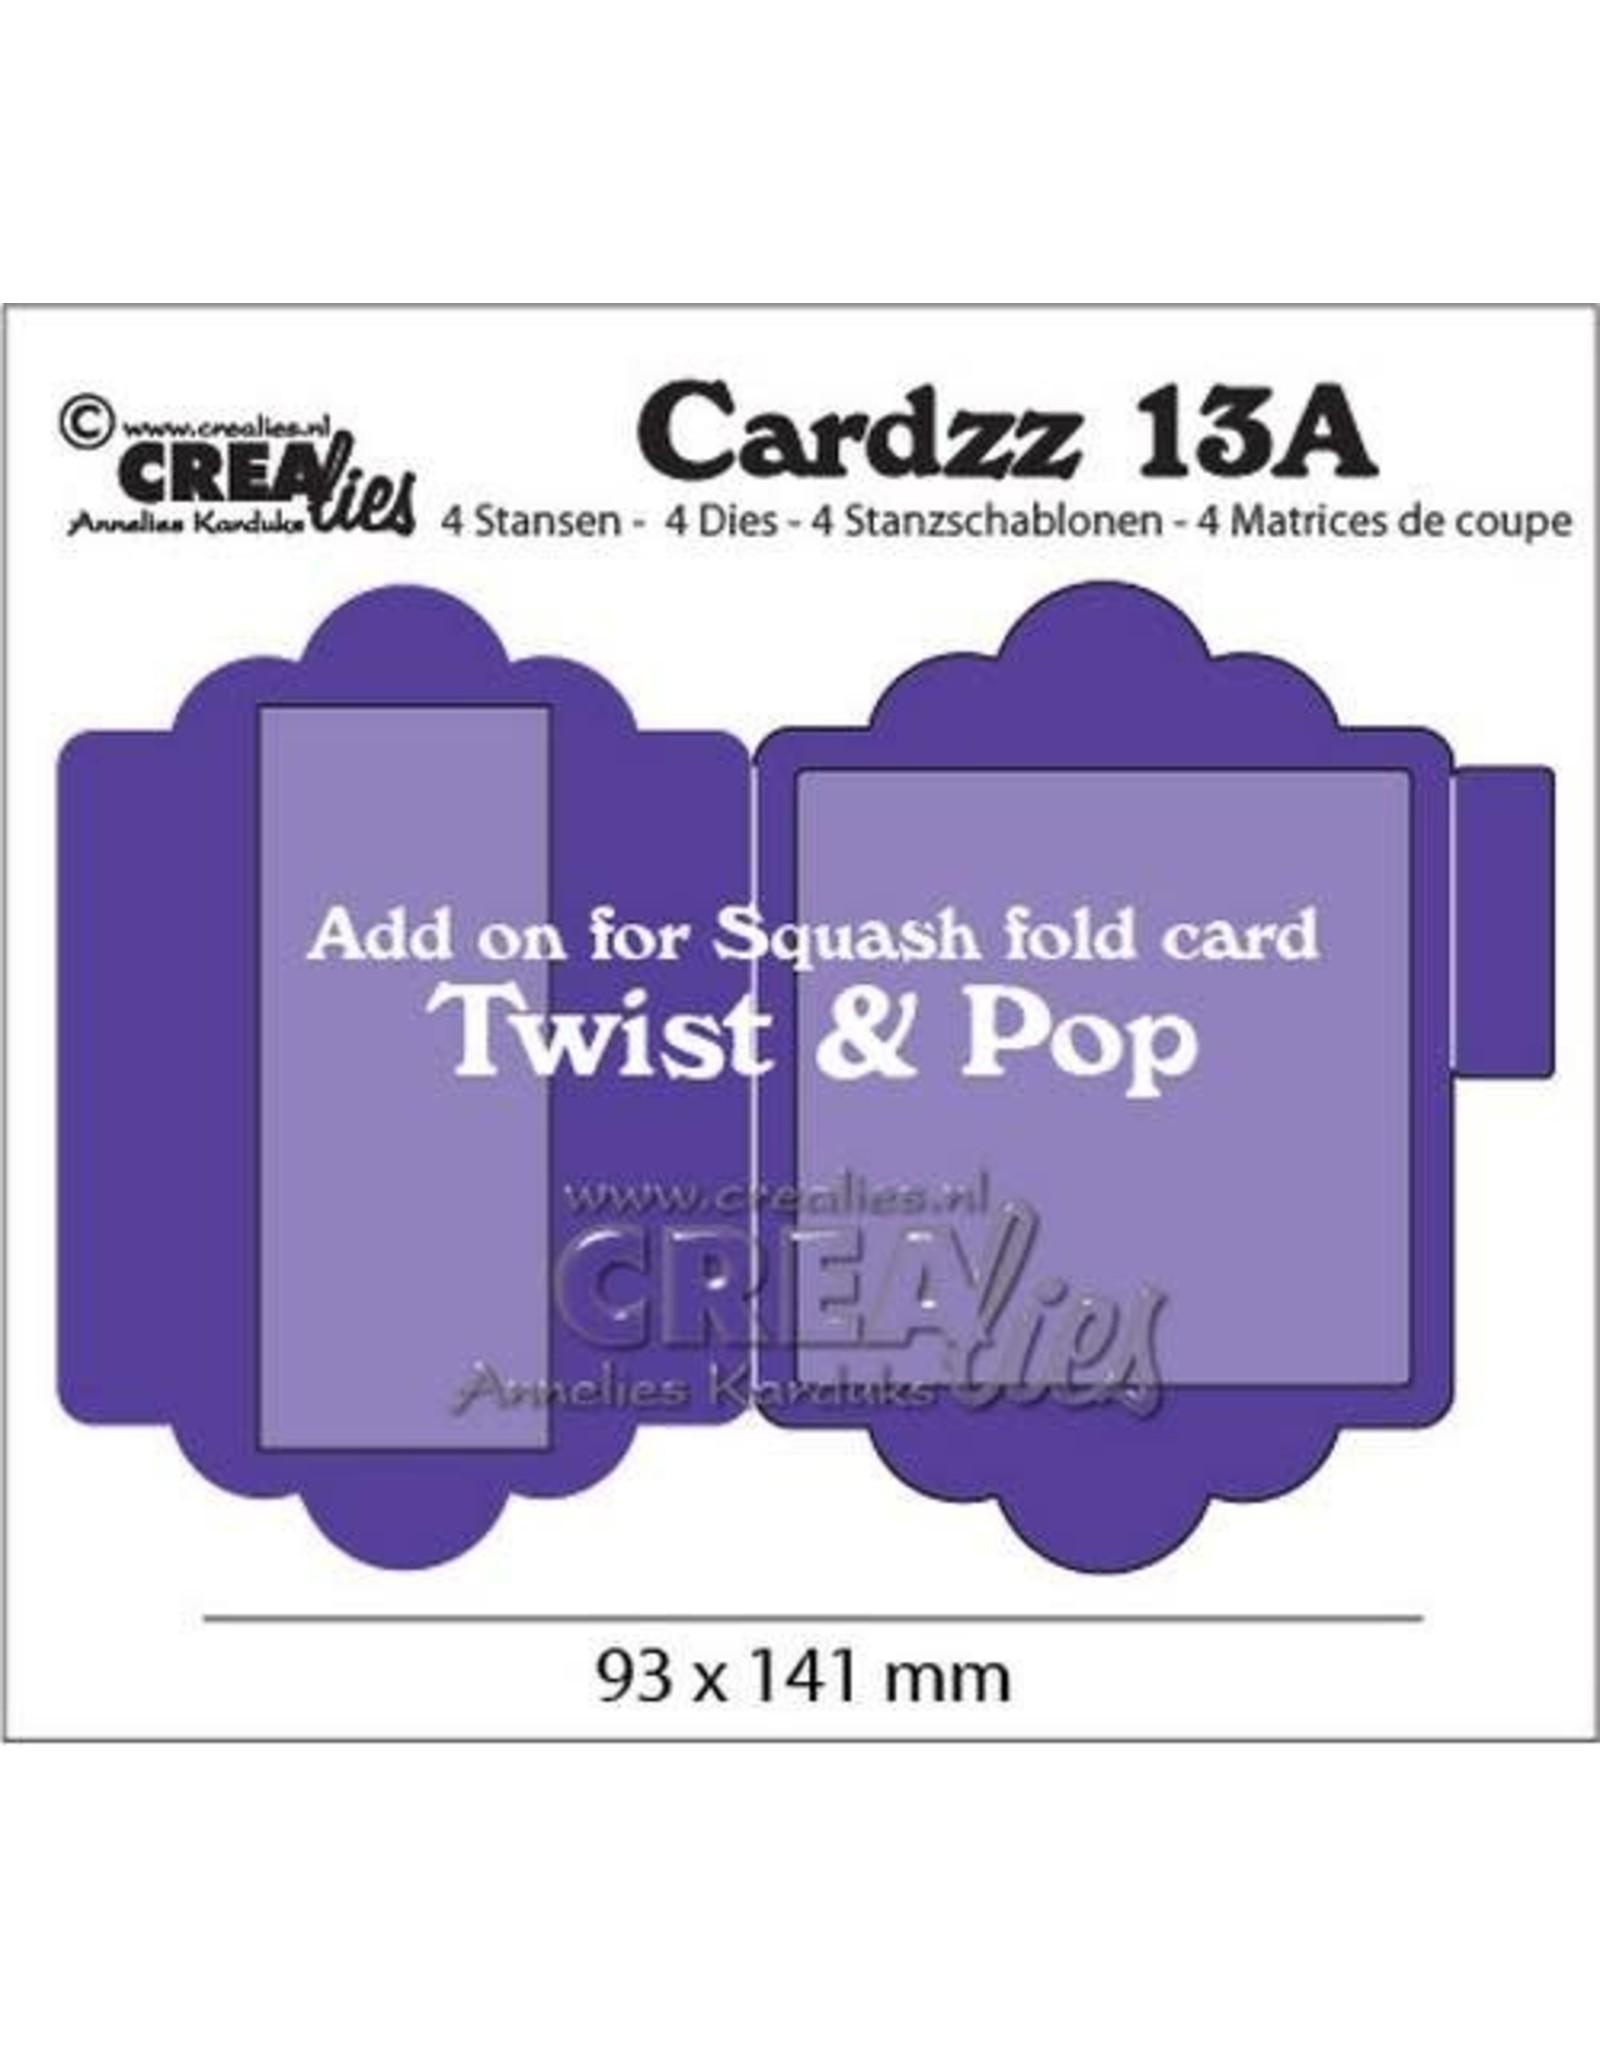 Crealies Crealies Cardzz nr 13A add on for CLCZ13: Twist & Pop CLCZ13A